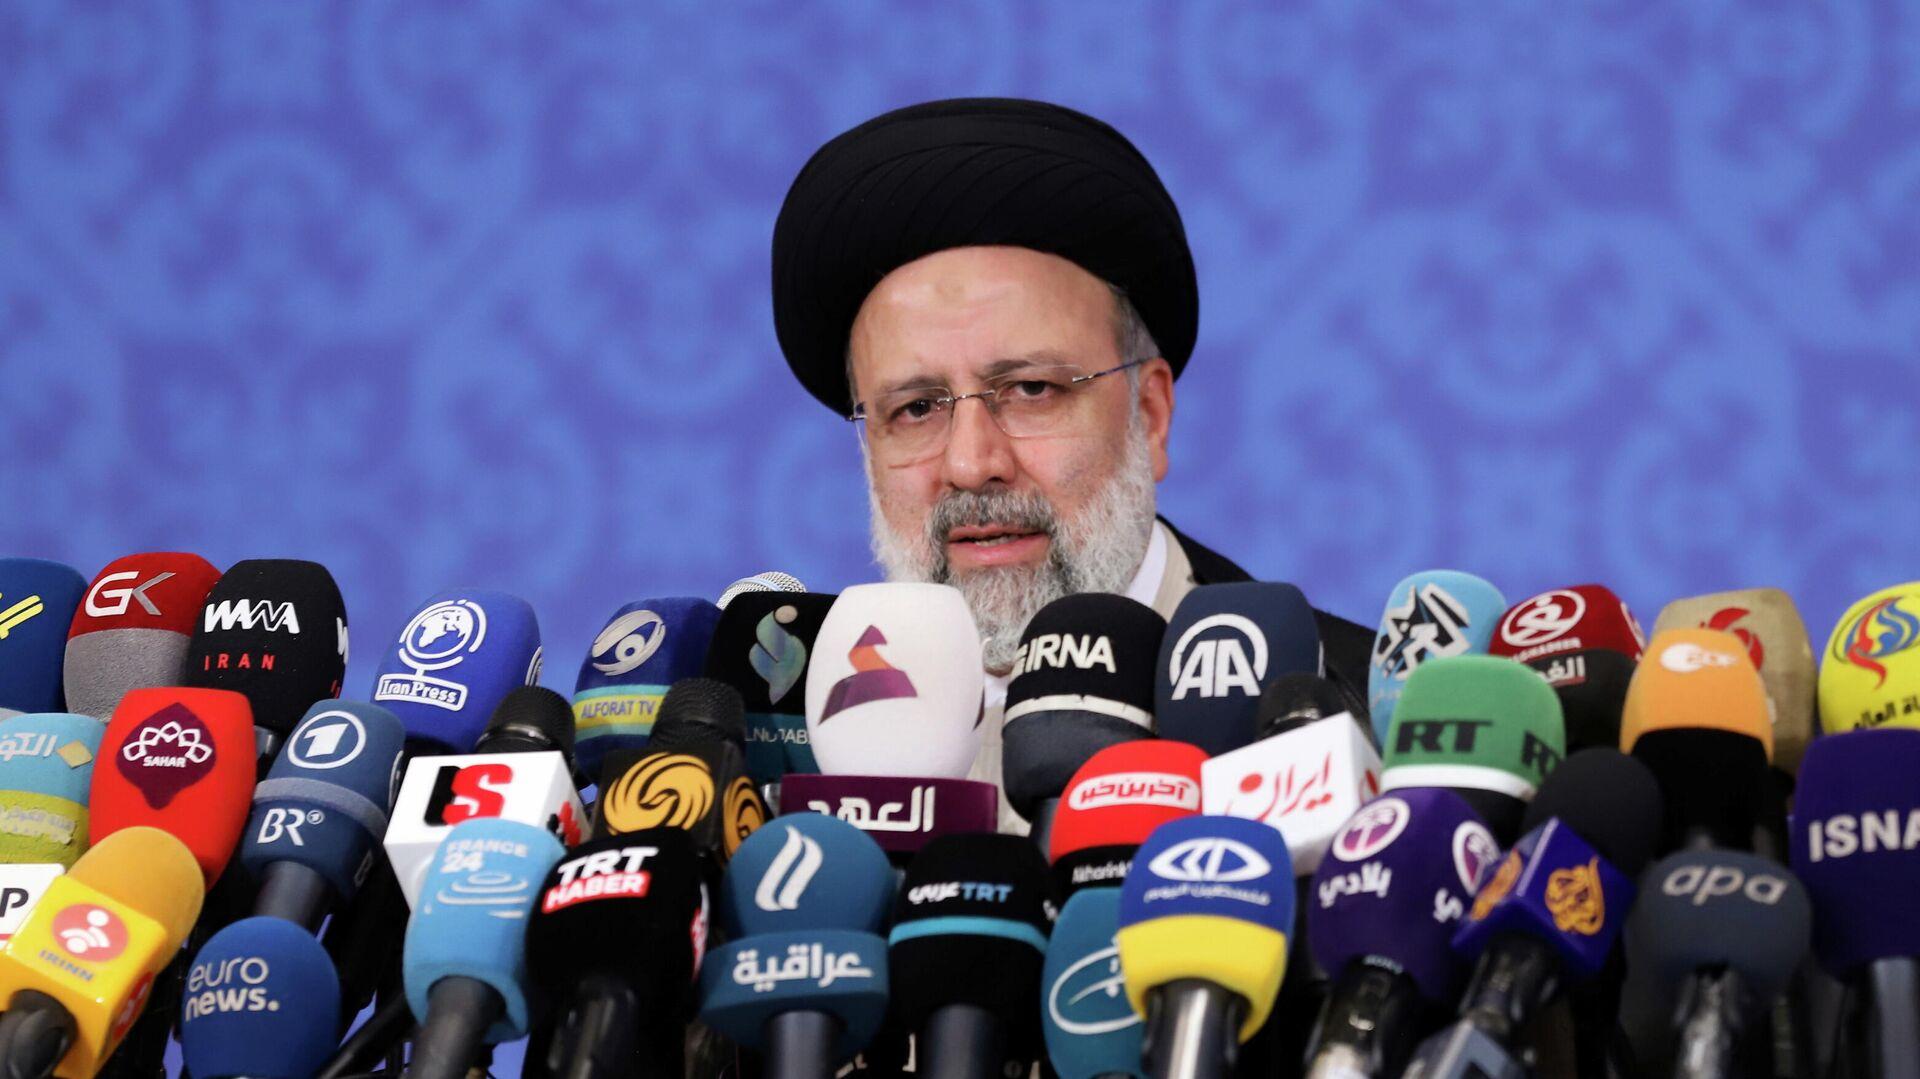 Избранный президент Ирана Ибрахим Раиси во время пресс-конференции в Тегеране - РИА Новости, 1920, 06.07.2021